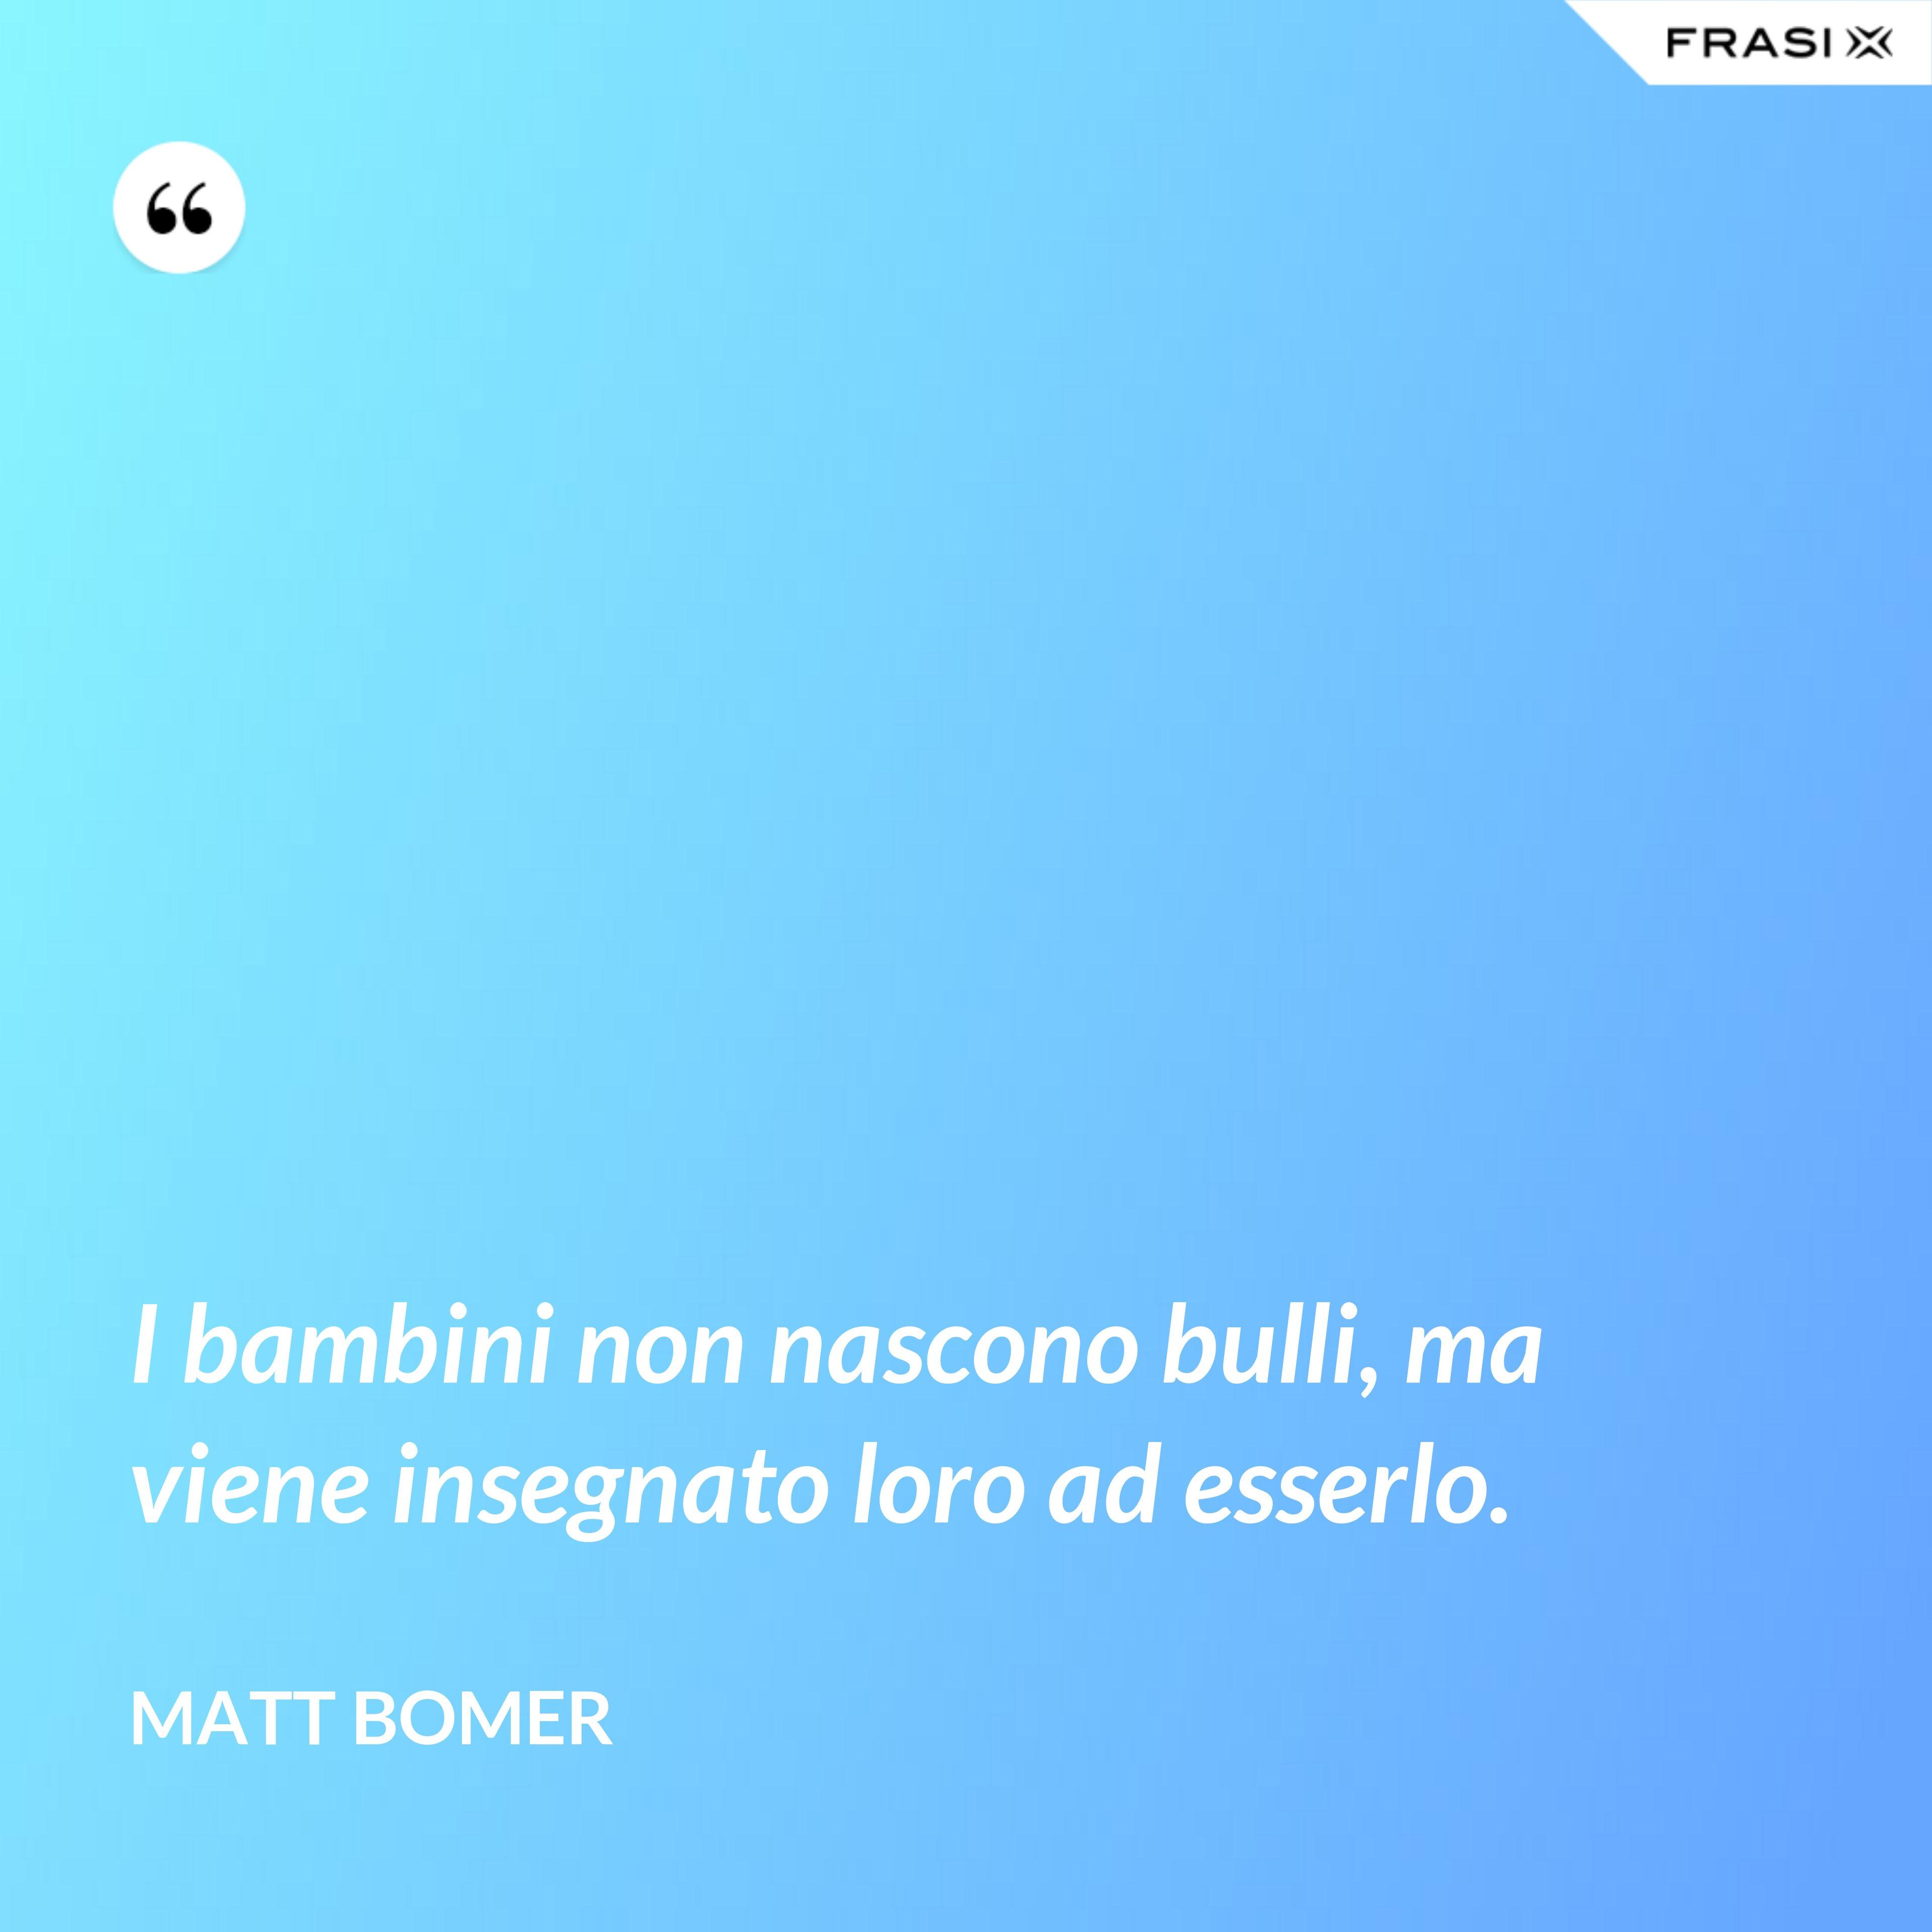 I bambini non nascono bulli, ma viene insegnato loro ad esserlo. - Matt Bomer